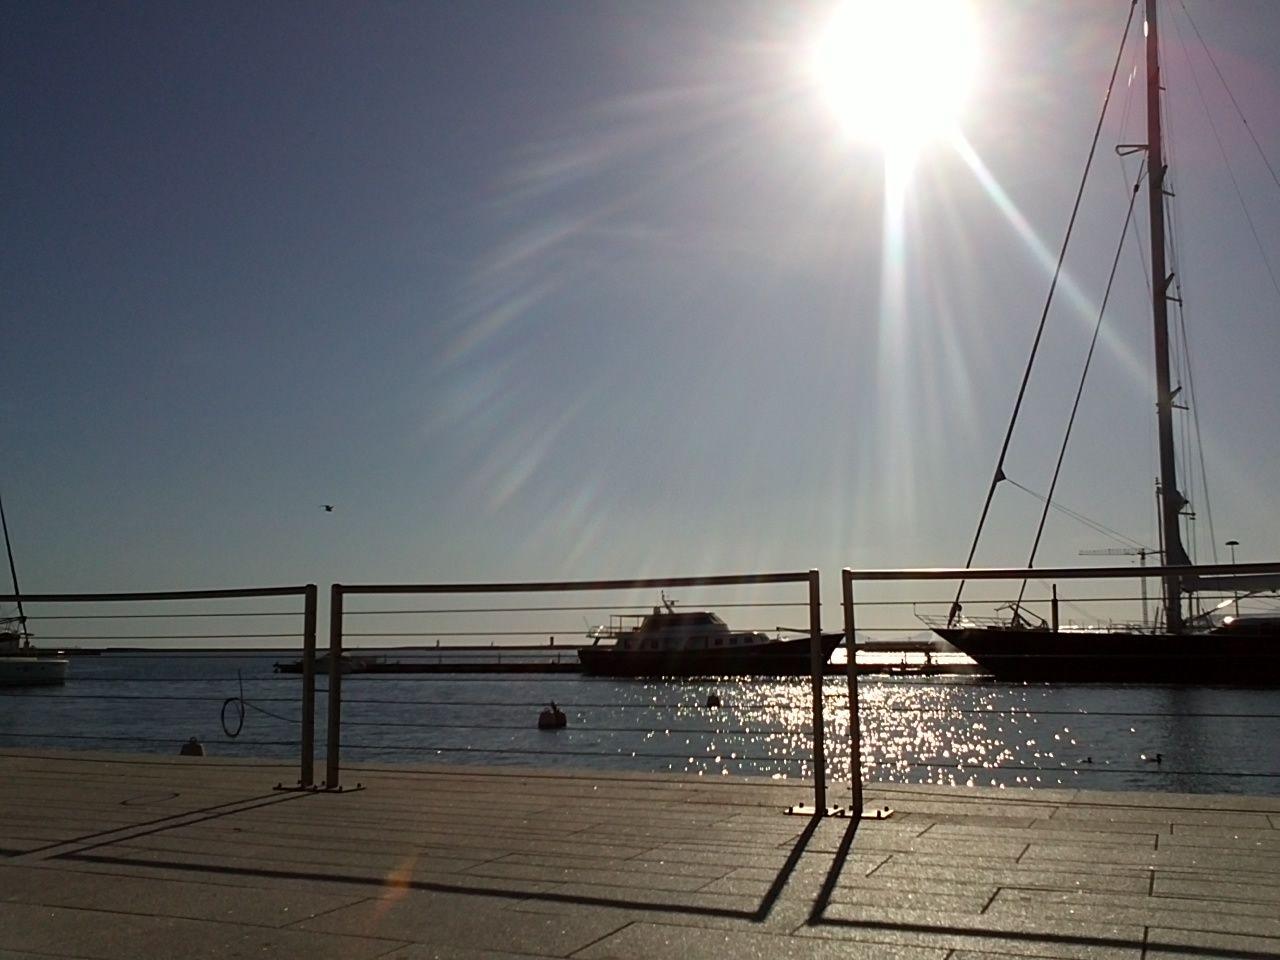 Porto di Cagliari: L'aspetto che possiamo vedere oggi è quello del '900. Infatti fino all'Unità d'Italia il porto era piccolo e separato dalla Via San Francesco da Paola (attuale via Roma) e quindi dalla città mediante delle mura. Texto extraído de: http://it.wikipedia.org/wiki/Porto_di_Cagliari